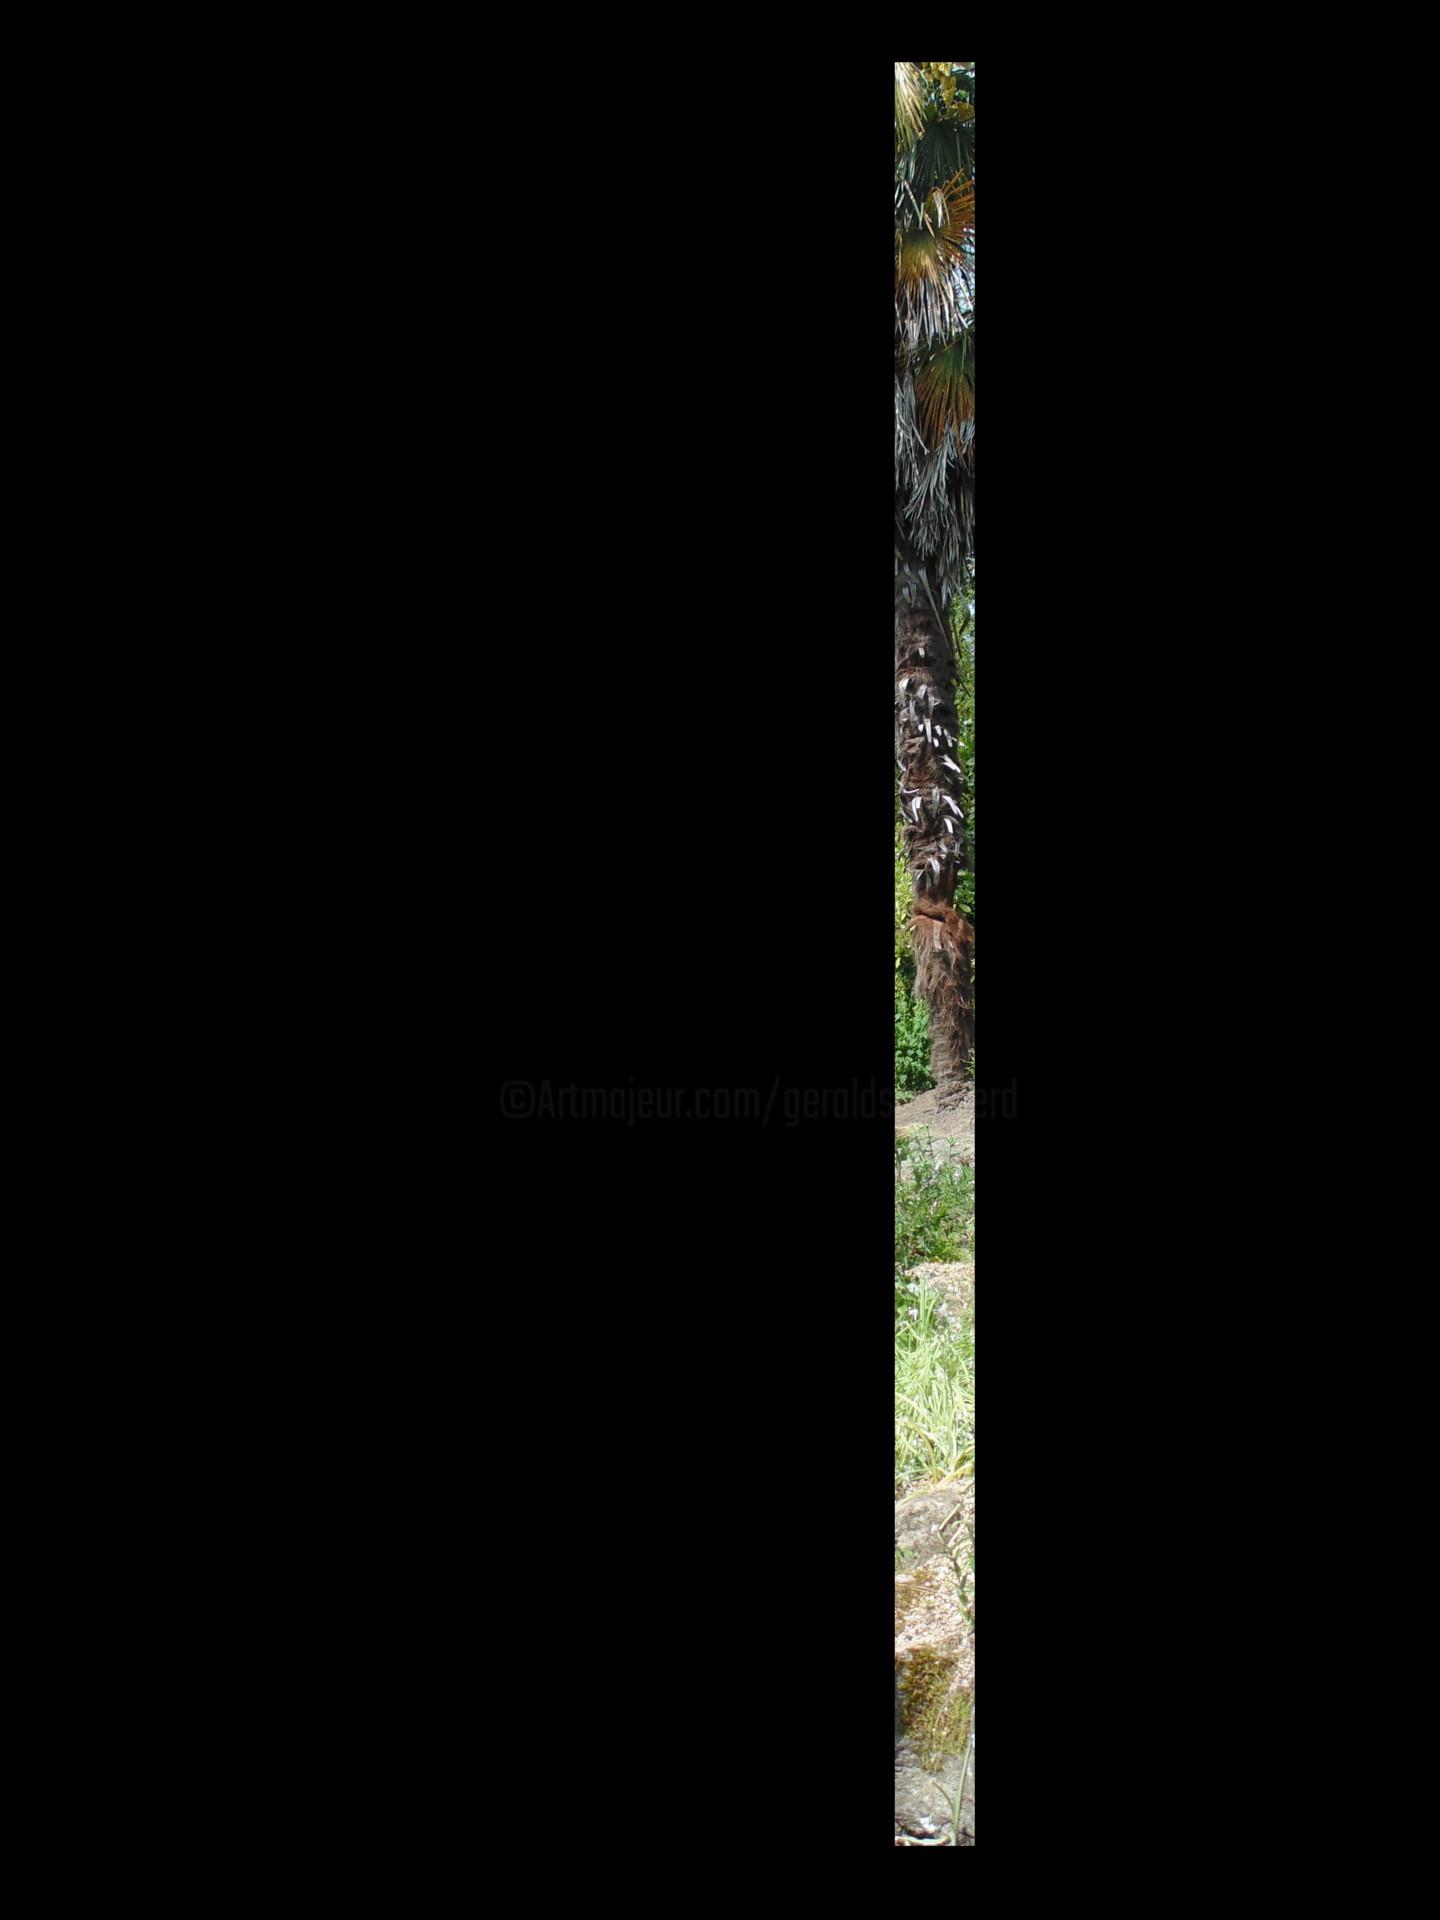 Gerald Shepherd - Vertical line